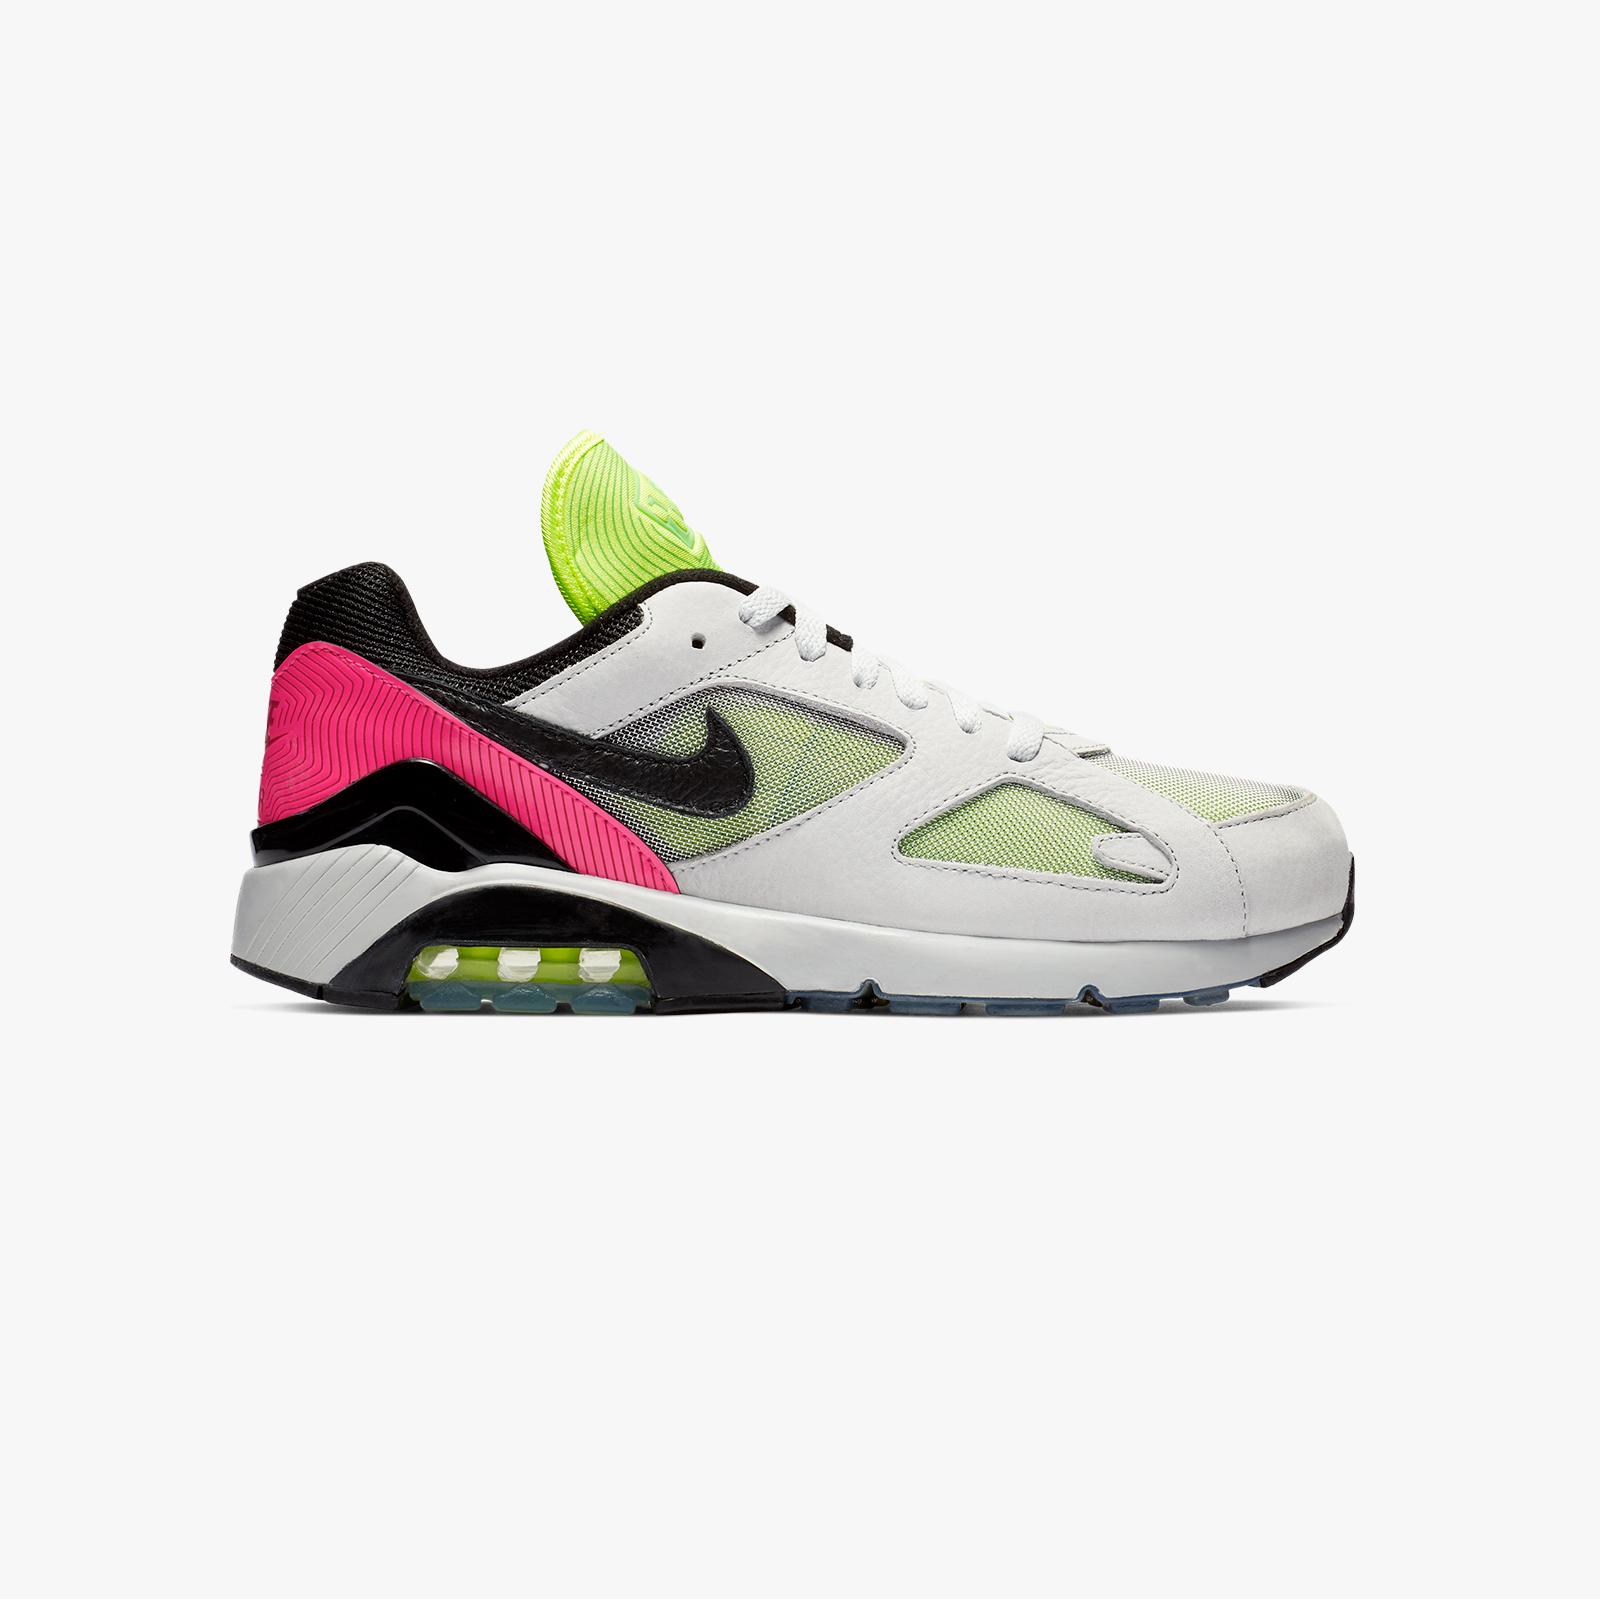 size 40 80c4f 9f41f Nike Sportswear Air Max 180